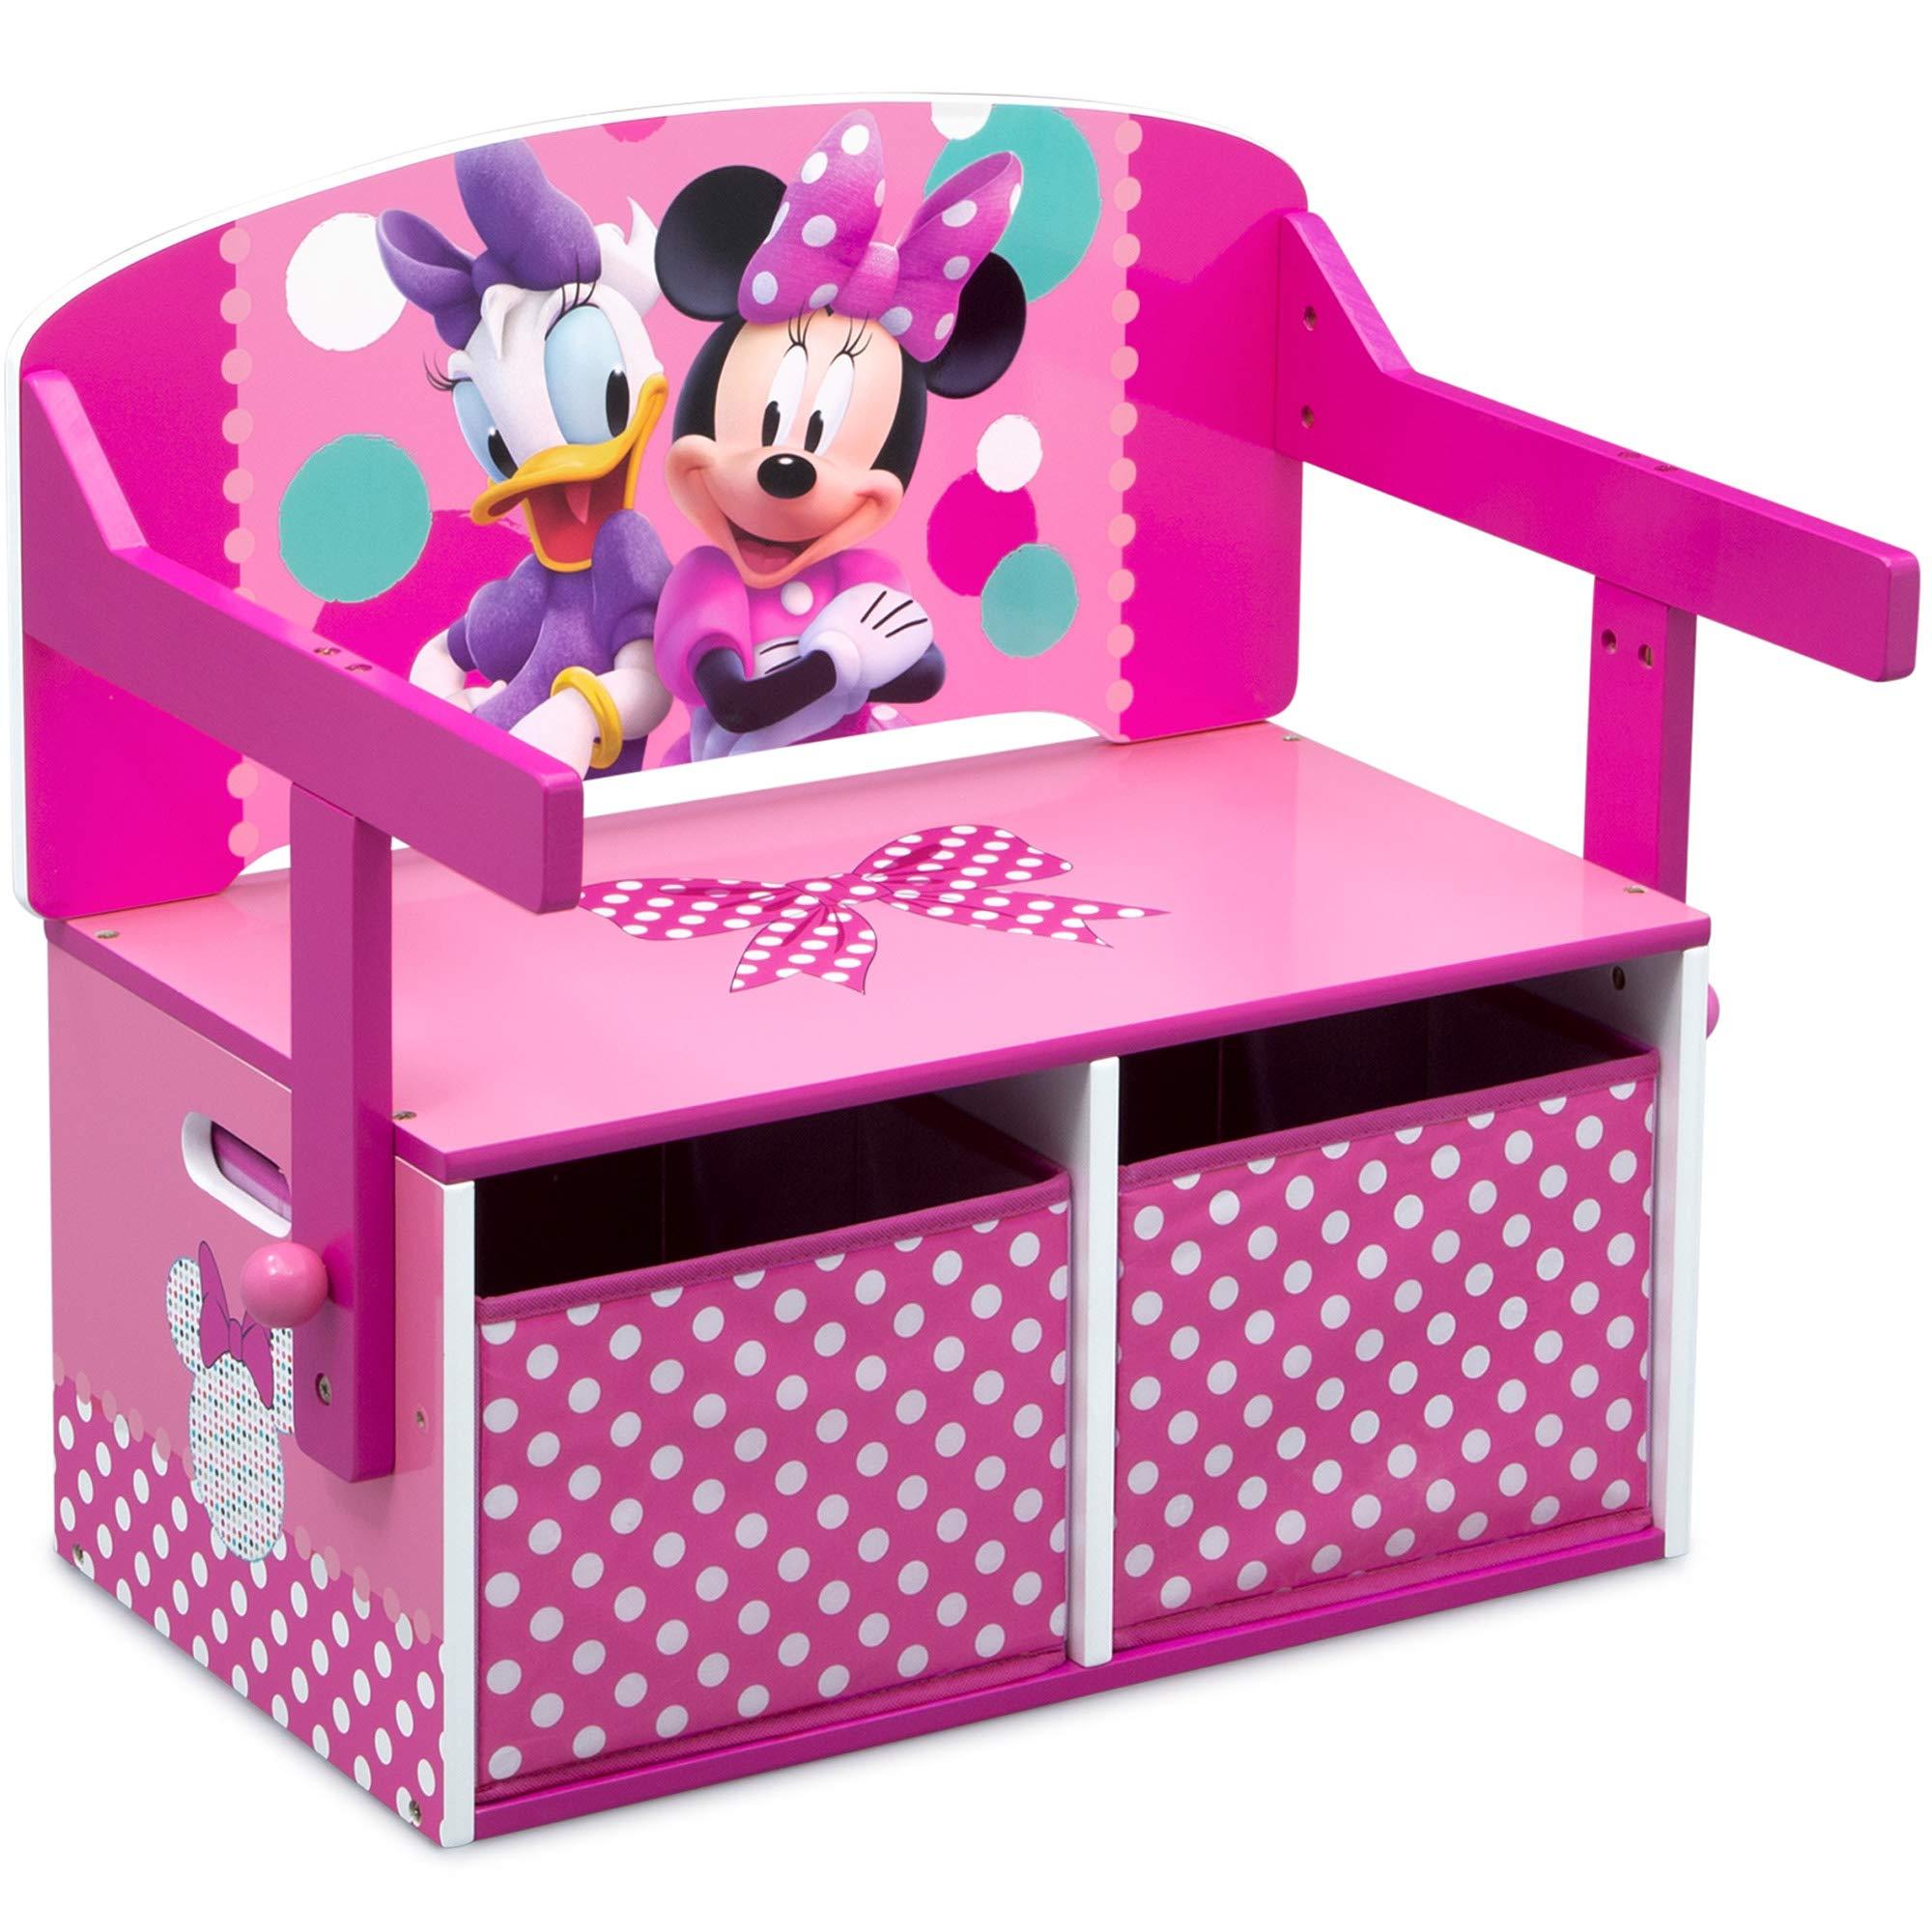 Delta Children Kids Activity Bench, Disney Minnie Mouse by Delta Children